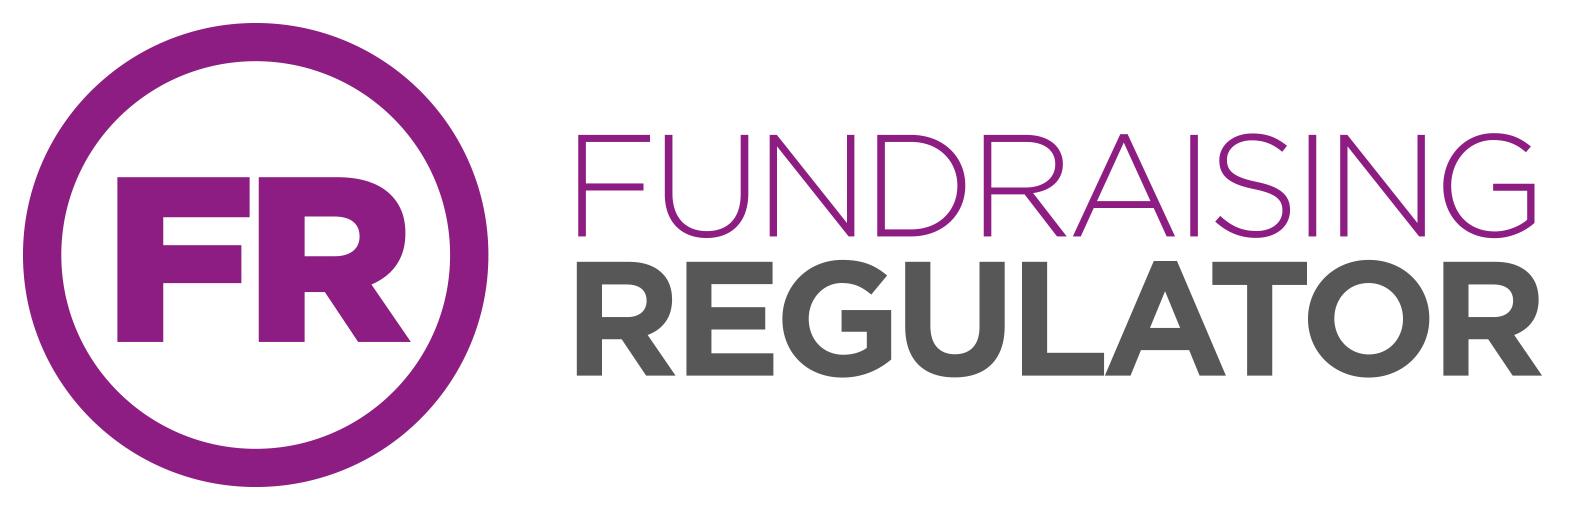 logo-fundraising-regulator - Bransby Horses